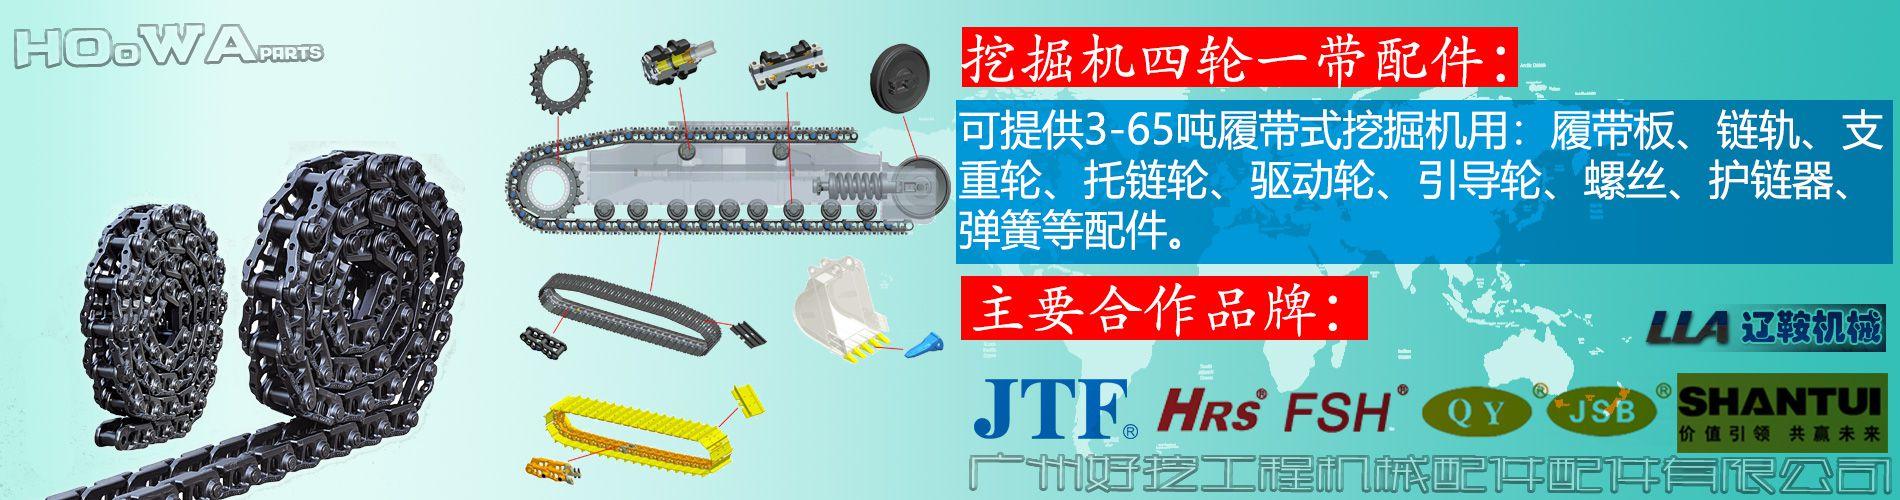 广州好挖工程机械配件有限公司